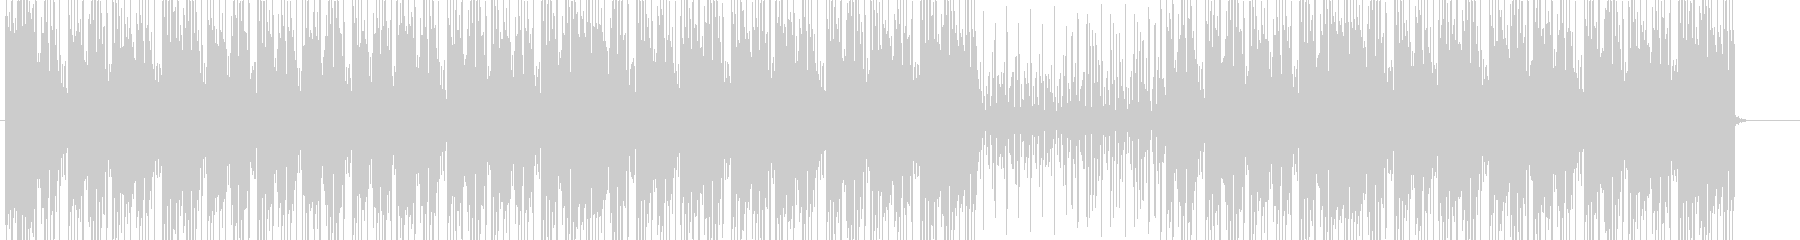 洋楽、90sヒップホップビート♫の未再生の波形